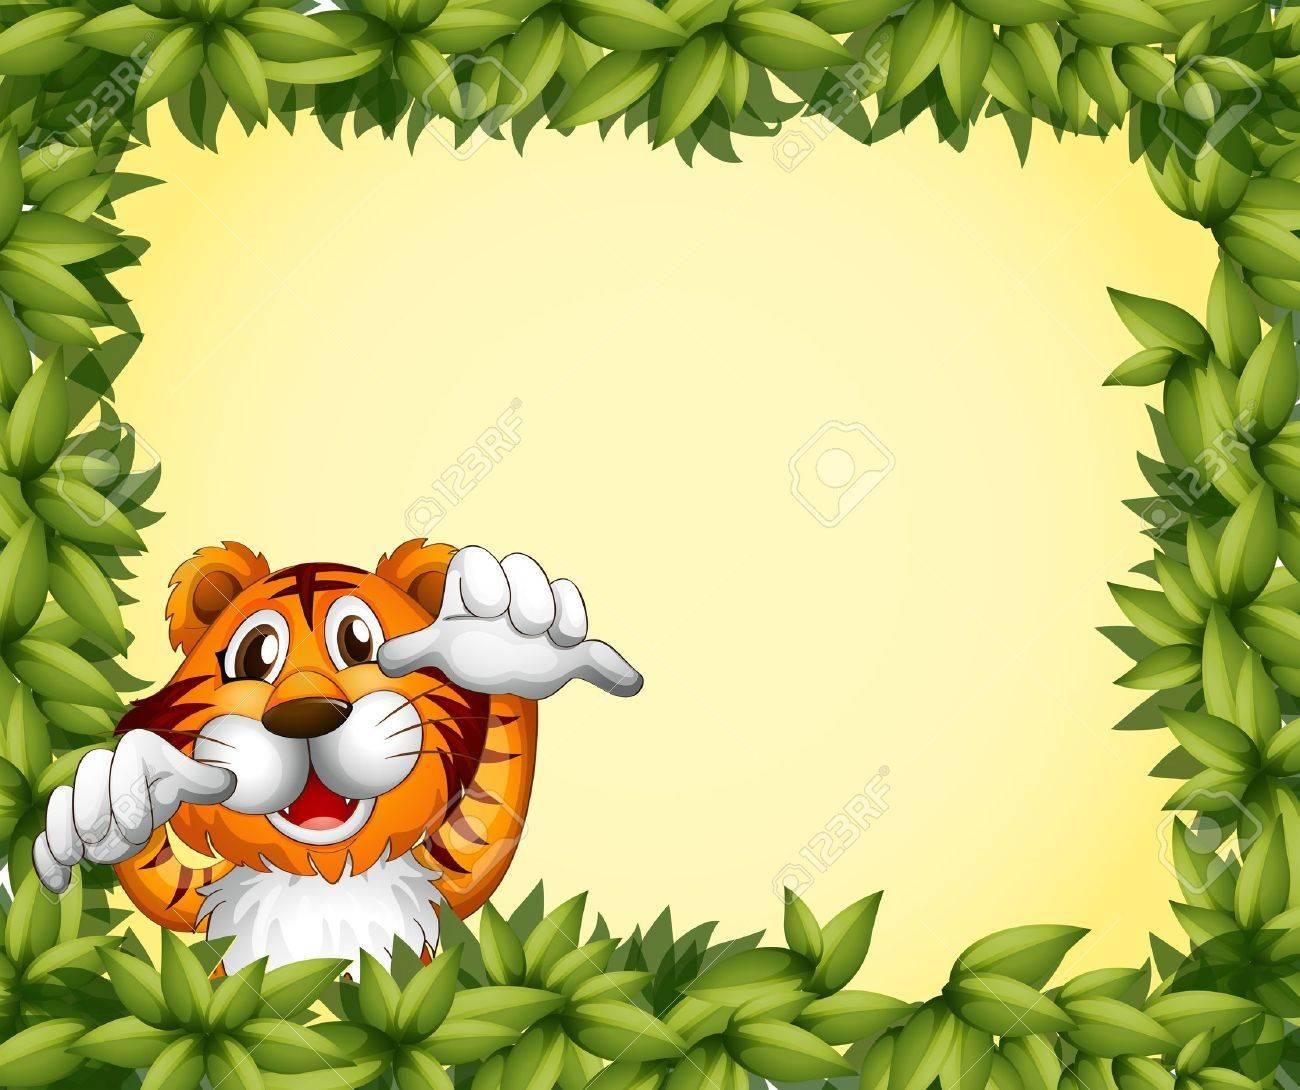 Ilustración De Un Marco Verde Con Un Tigre En El Interior ...